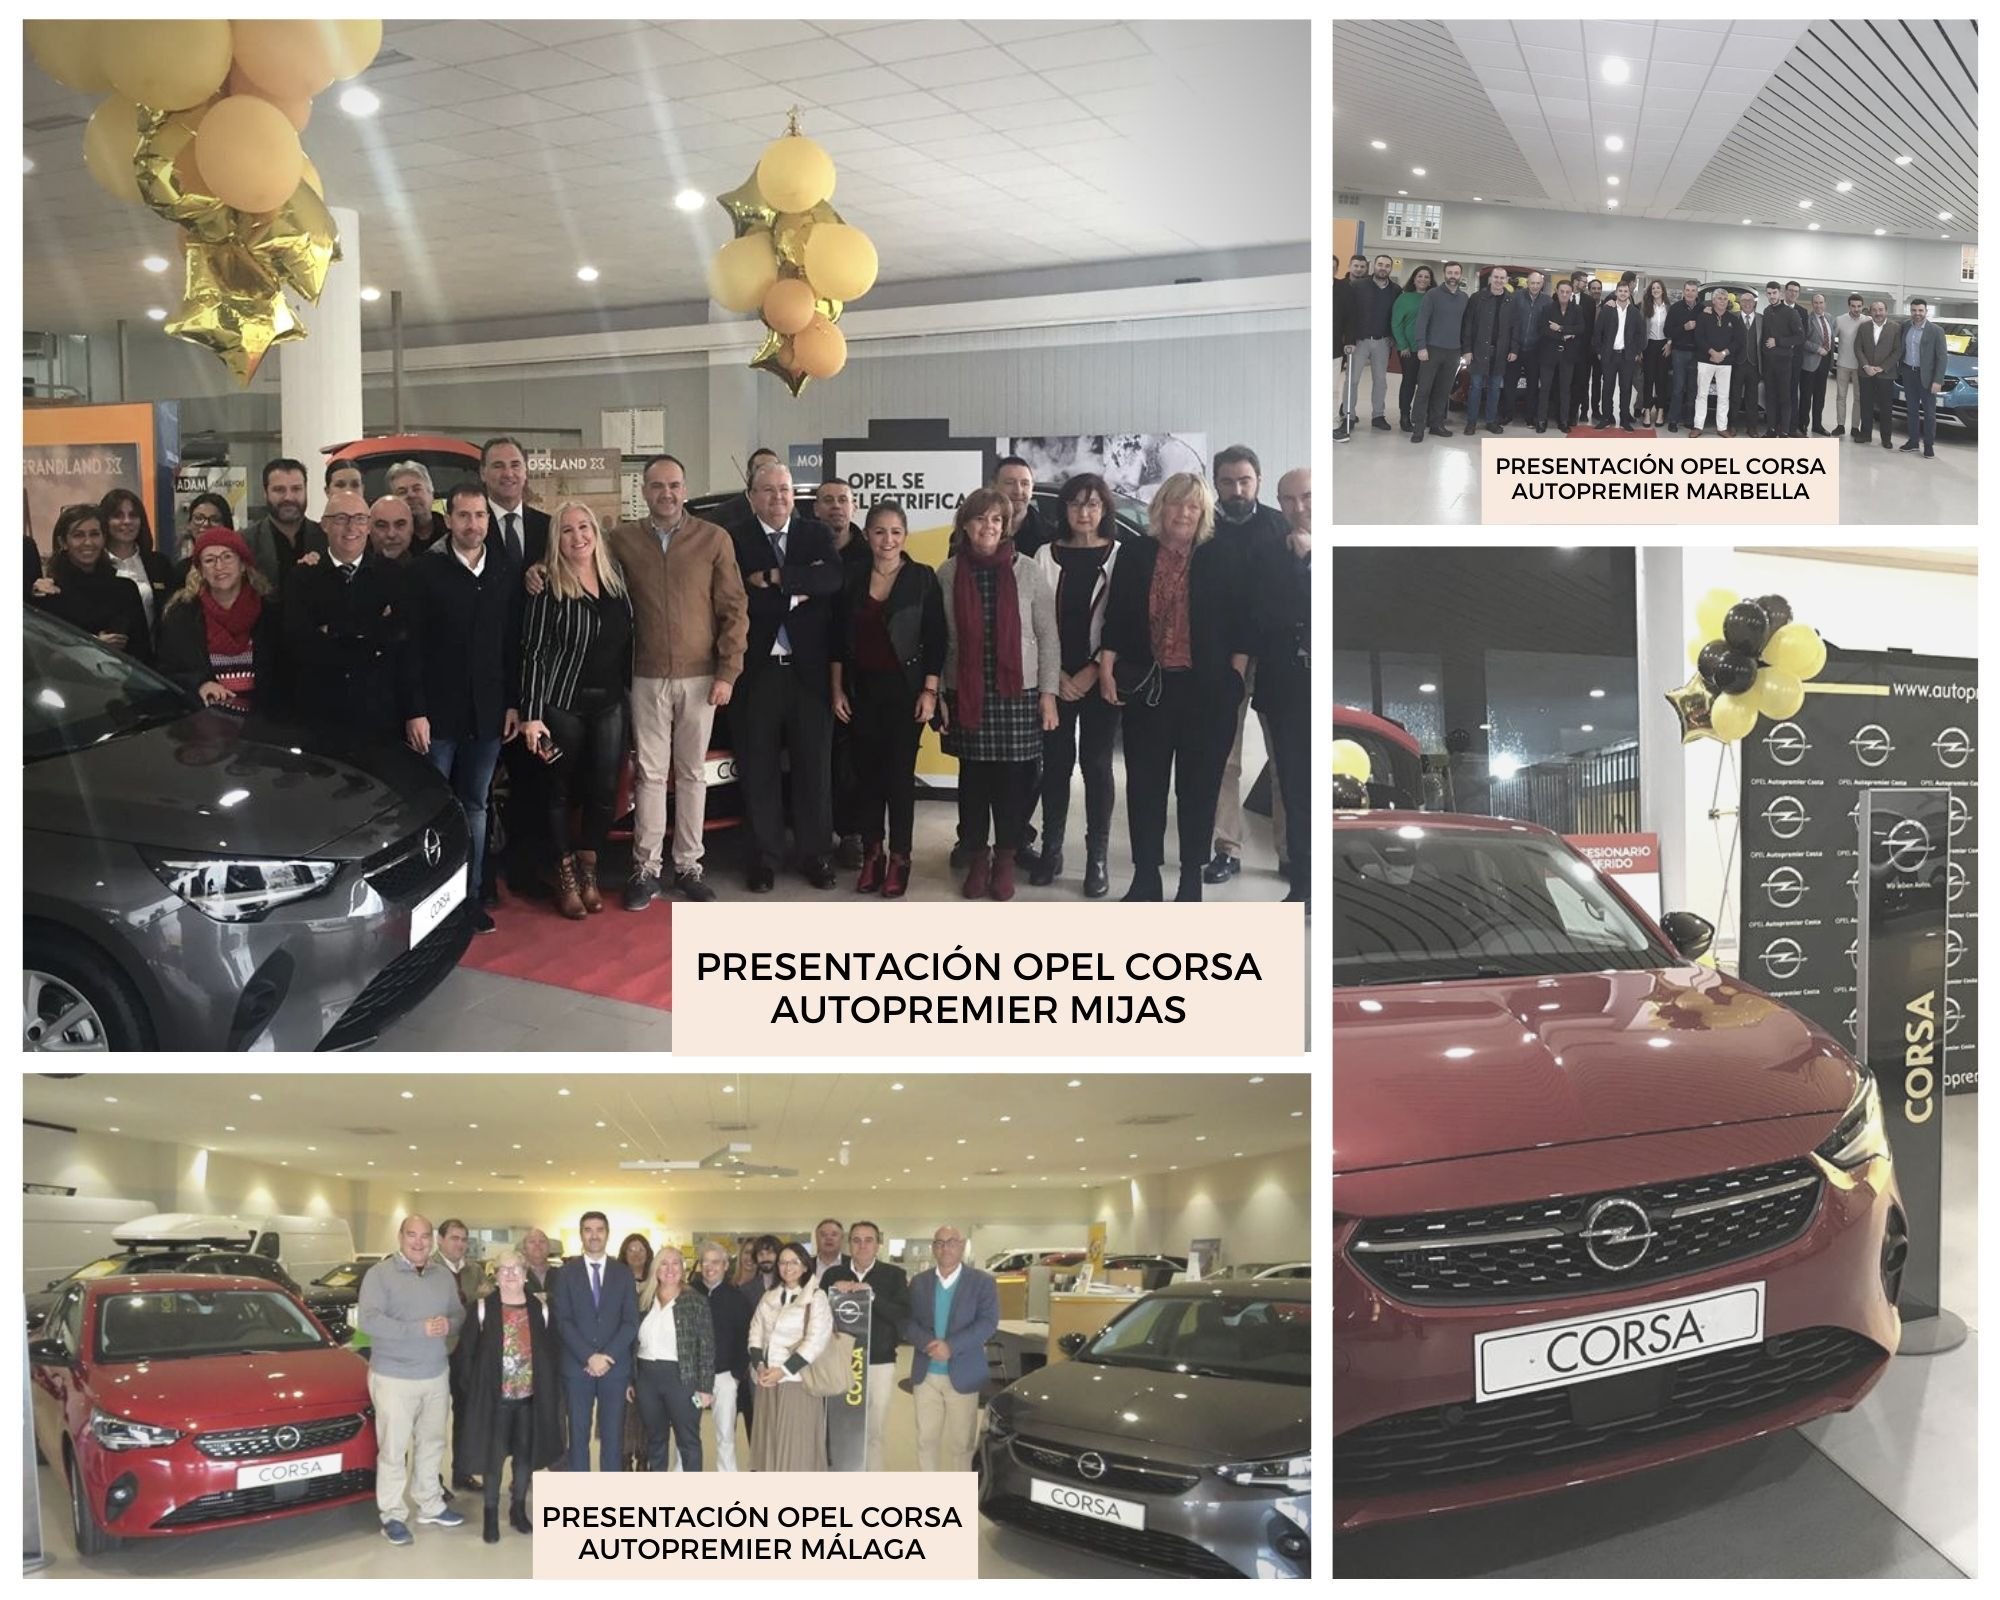 El nuevo Opel Corsa llega a Autopremier